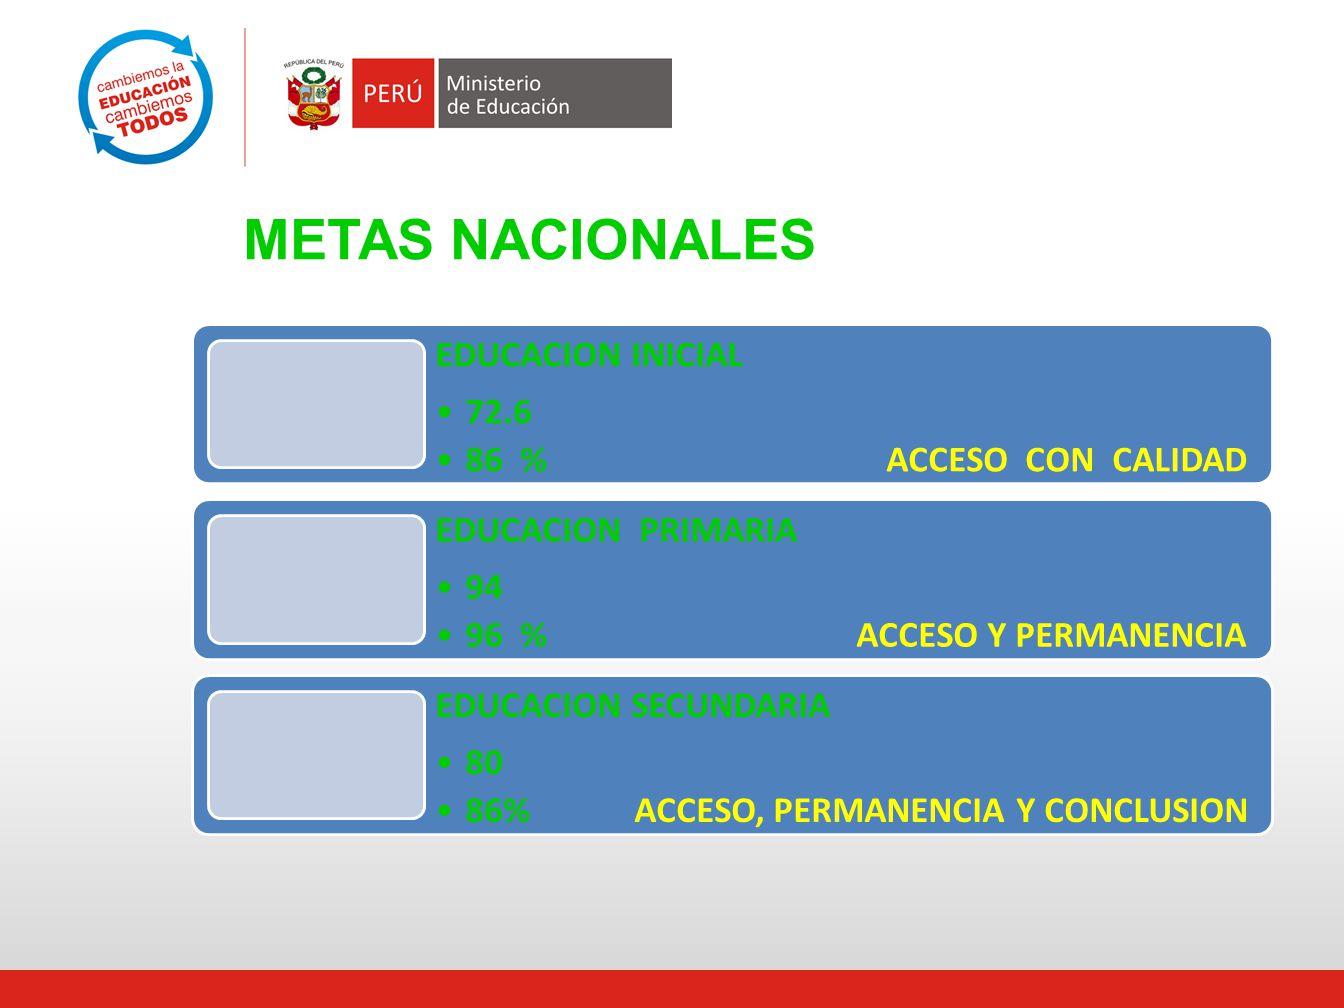 METAS NACIONALES EDUCACION INICIAL 72.6 86 % ACCESO CON CALIDAD EDUCACION PRIMARIA 94 96 % ACCESO Y PERMANENCIA EDUCACION SECUNDARIA 80 86% ACCESO, PE